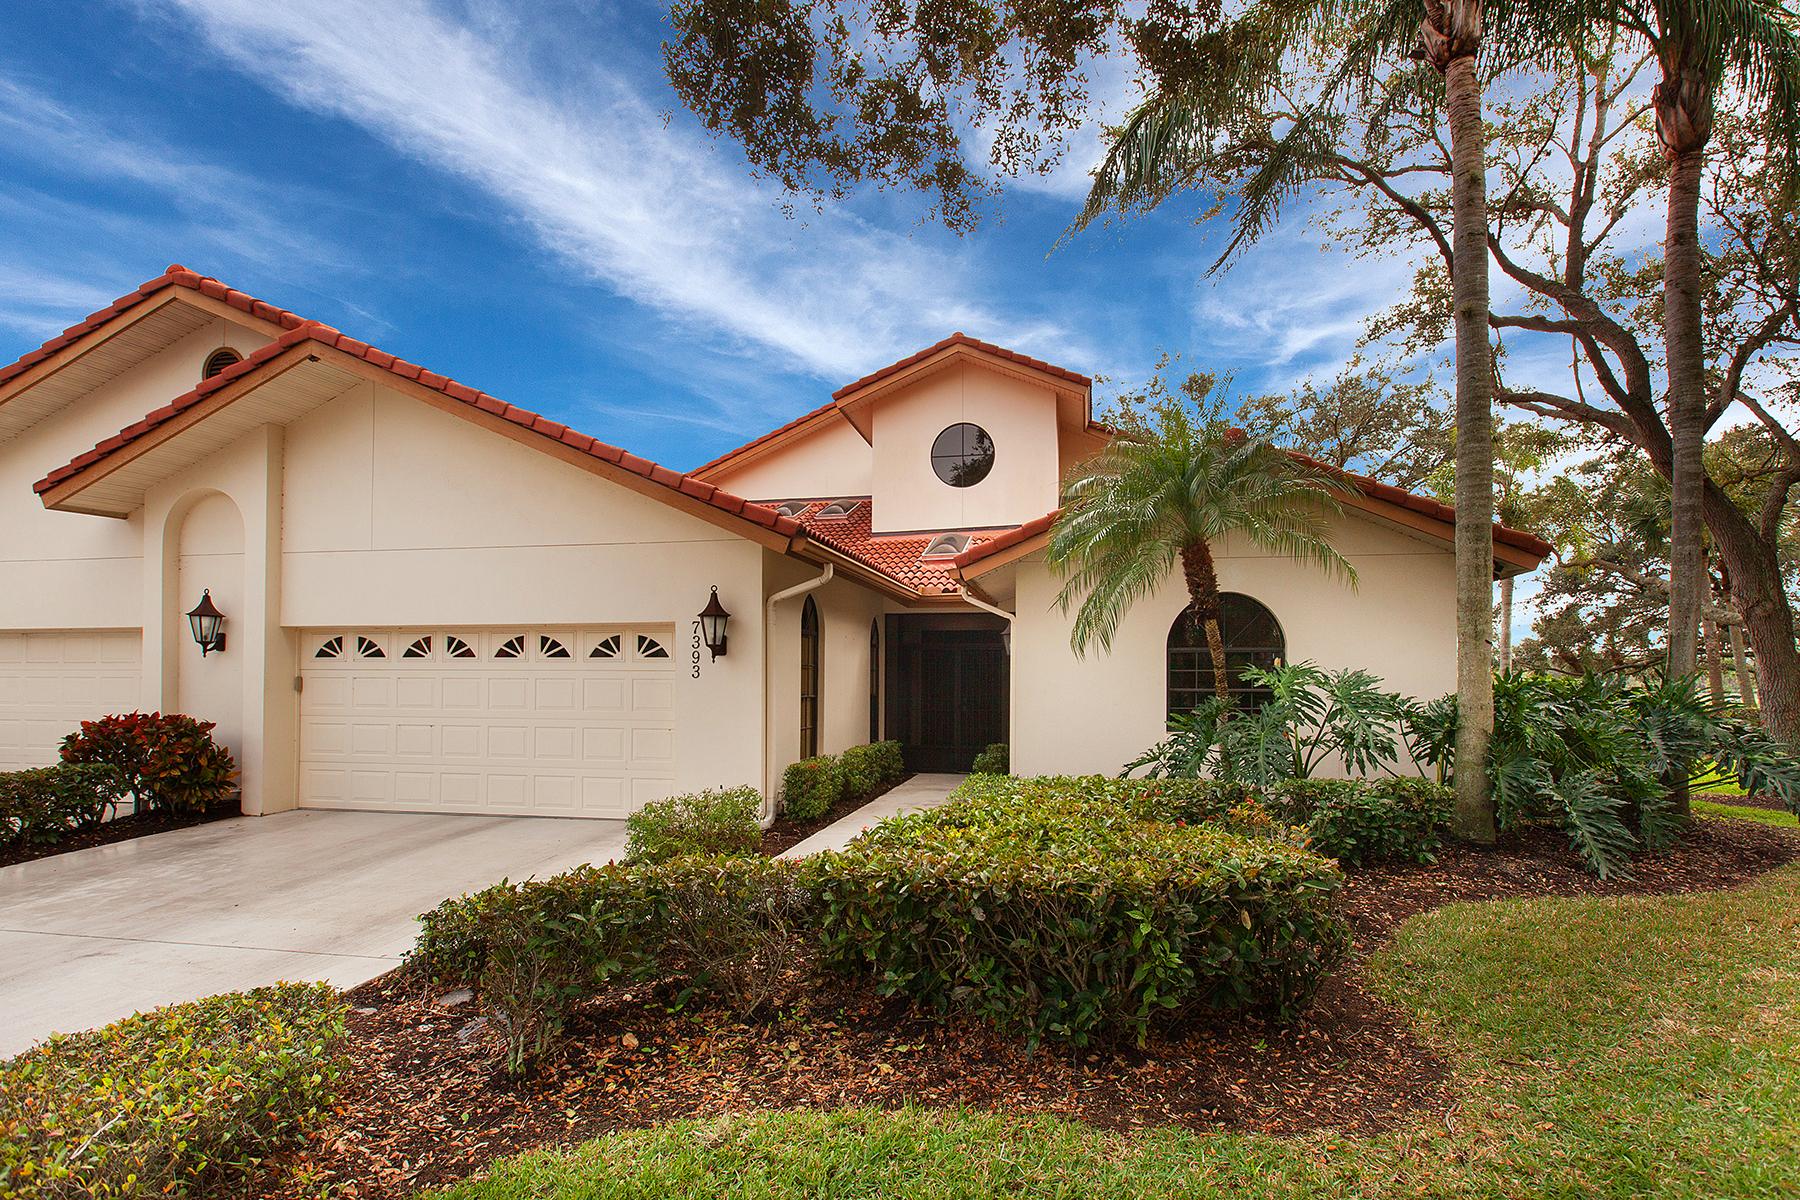 Таунхаус для того Продажа на PRESTANCIA 7393 Villa D Este Dr Sarasota, Флорида, 34238 Соединенные Штаты